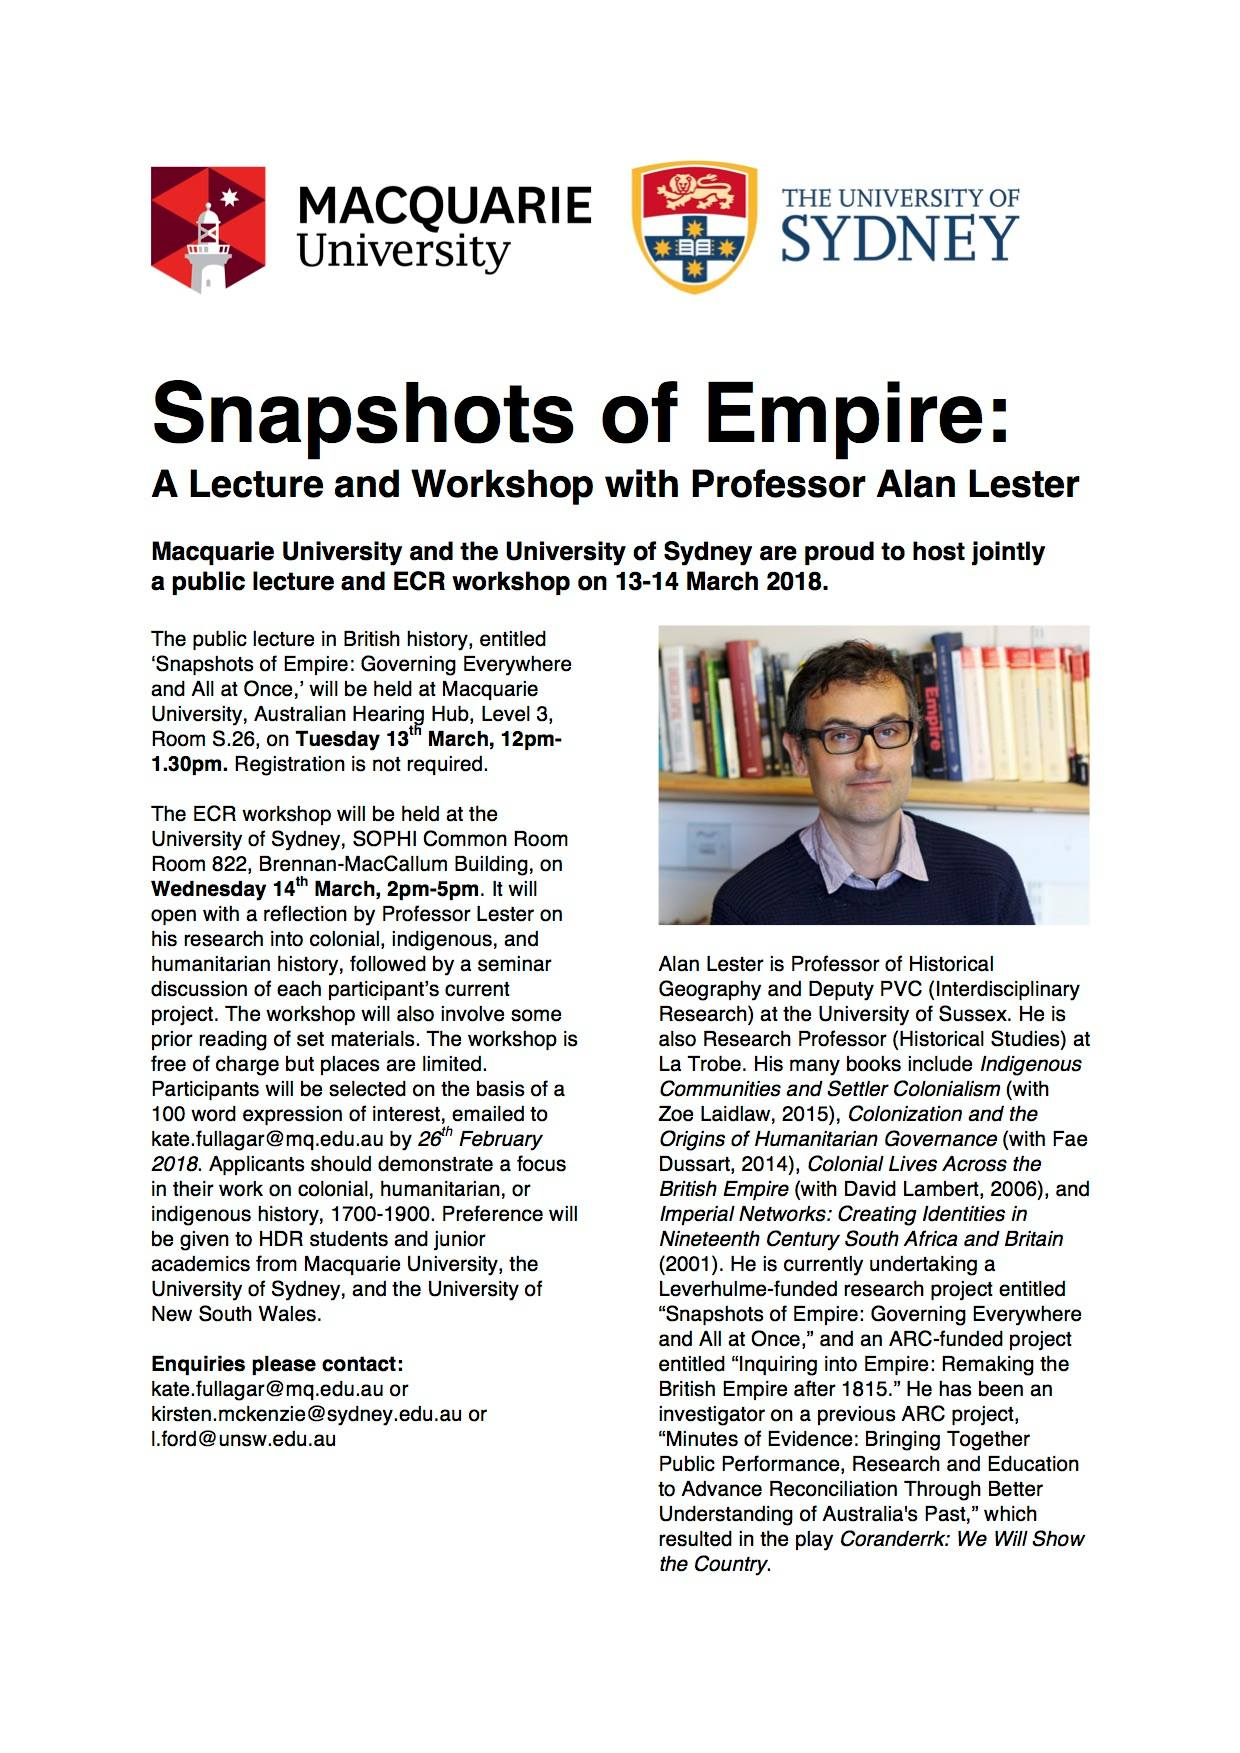 Snapshot of empire.jpg